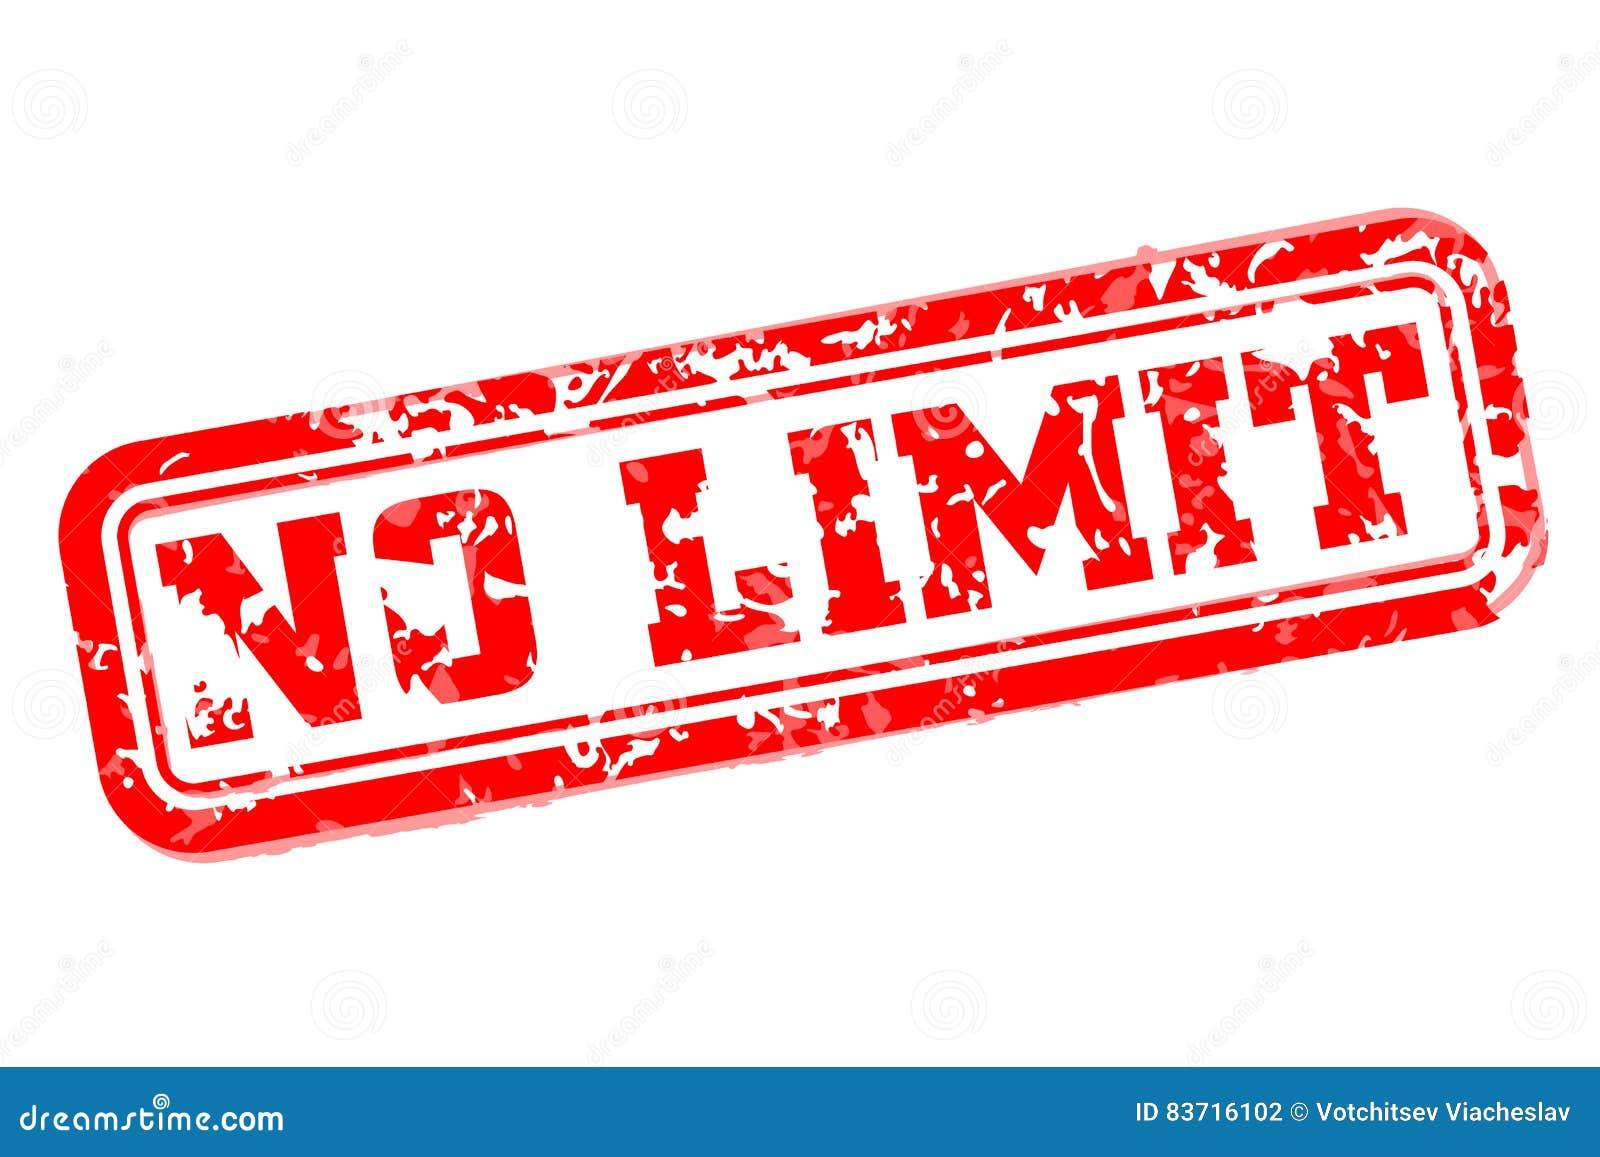 No Limit Rubber Stamp Vector Illustration | CartoonDealer ...